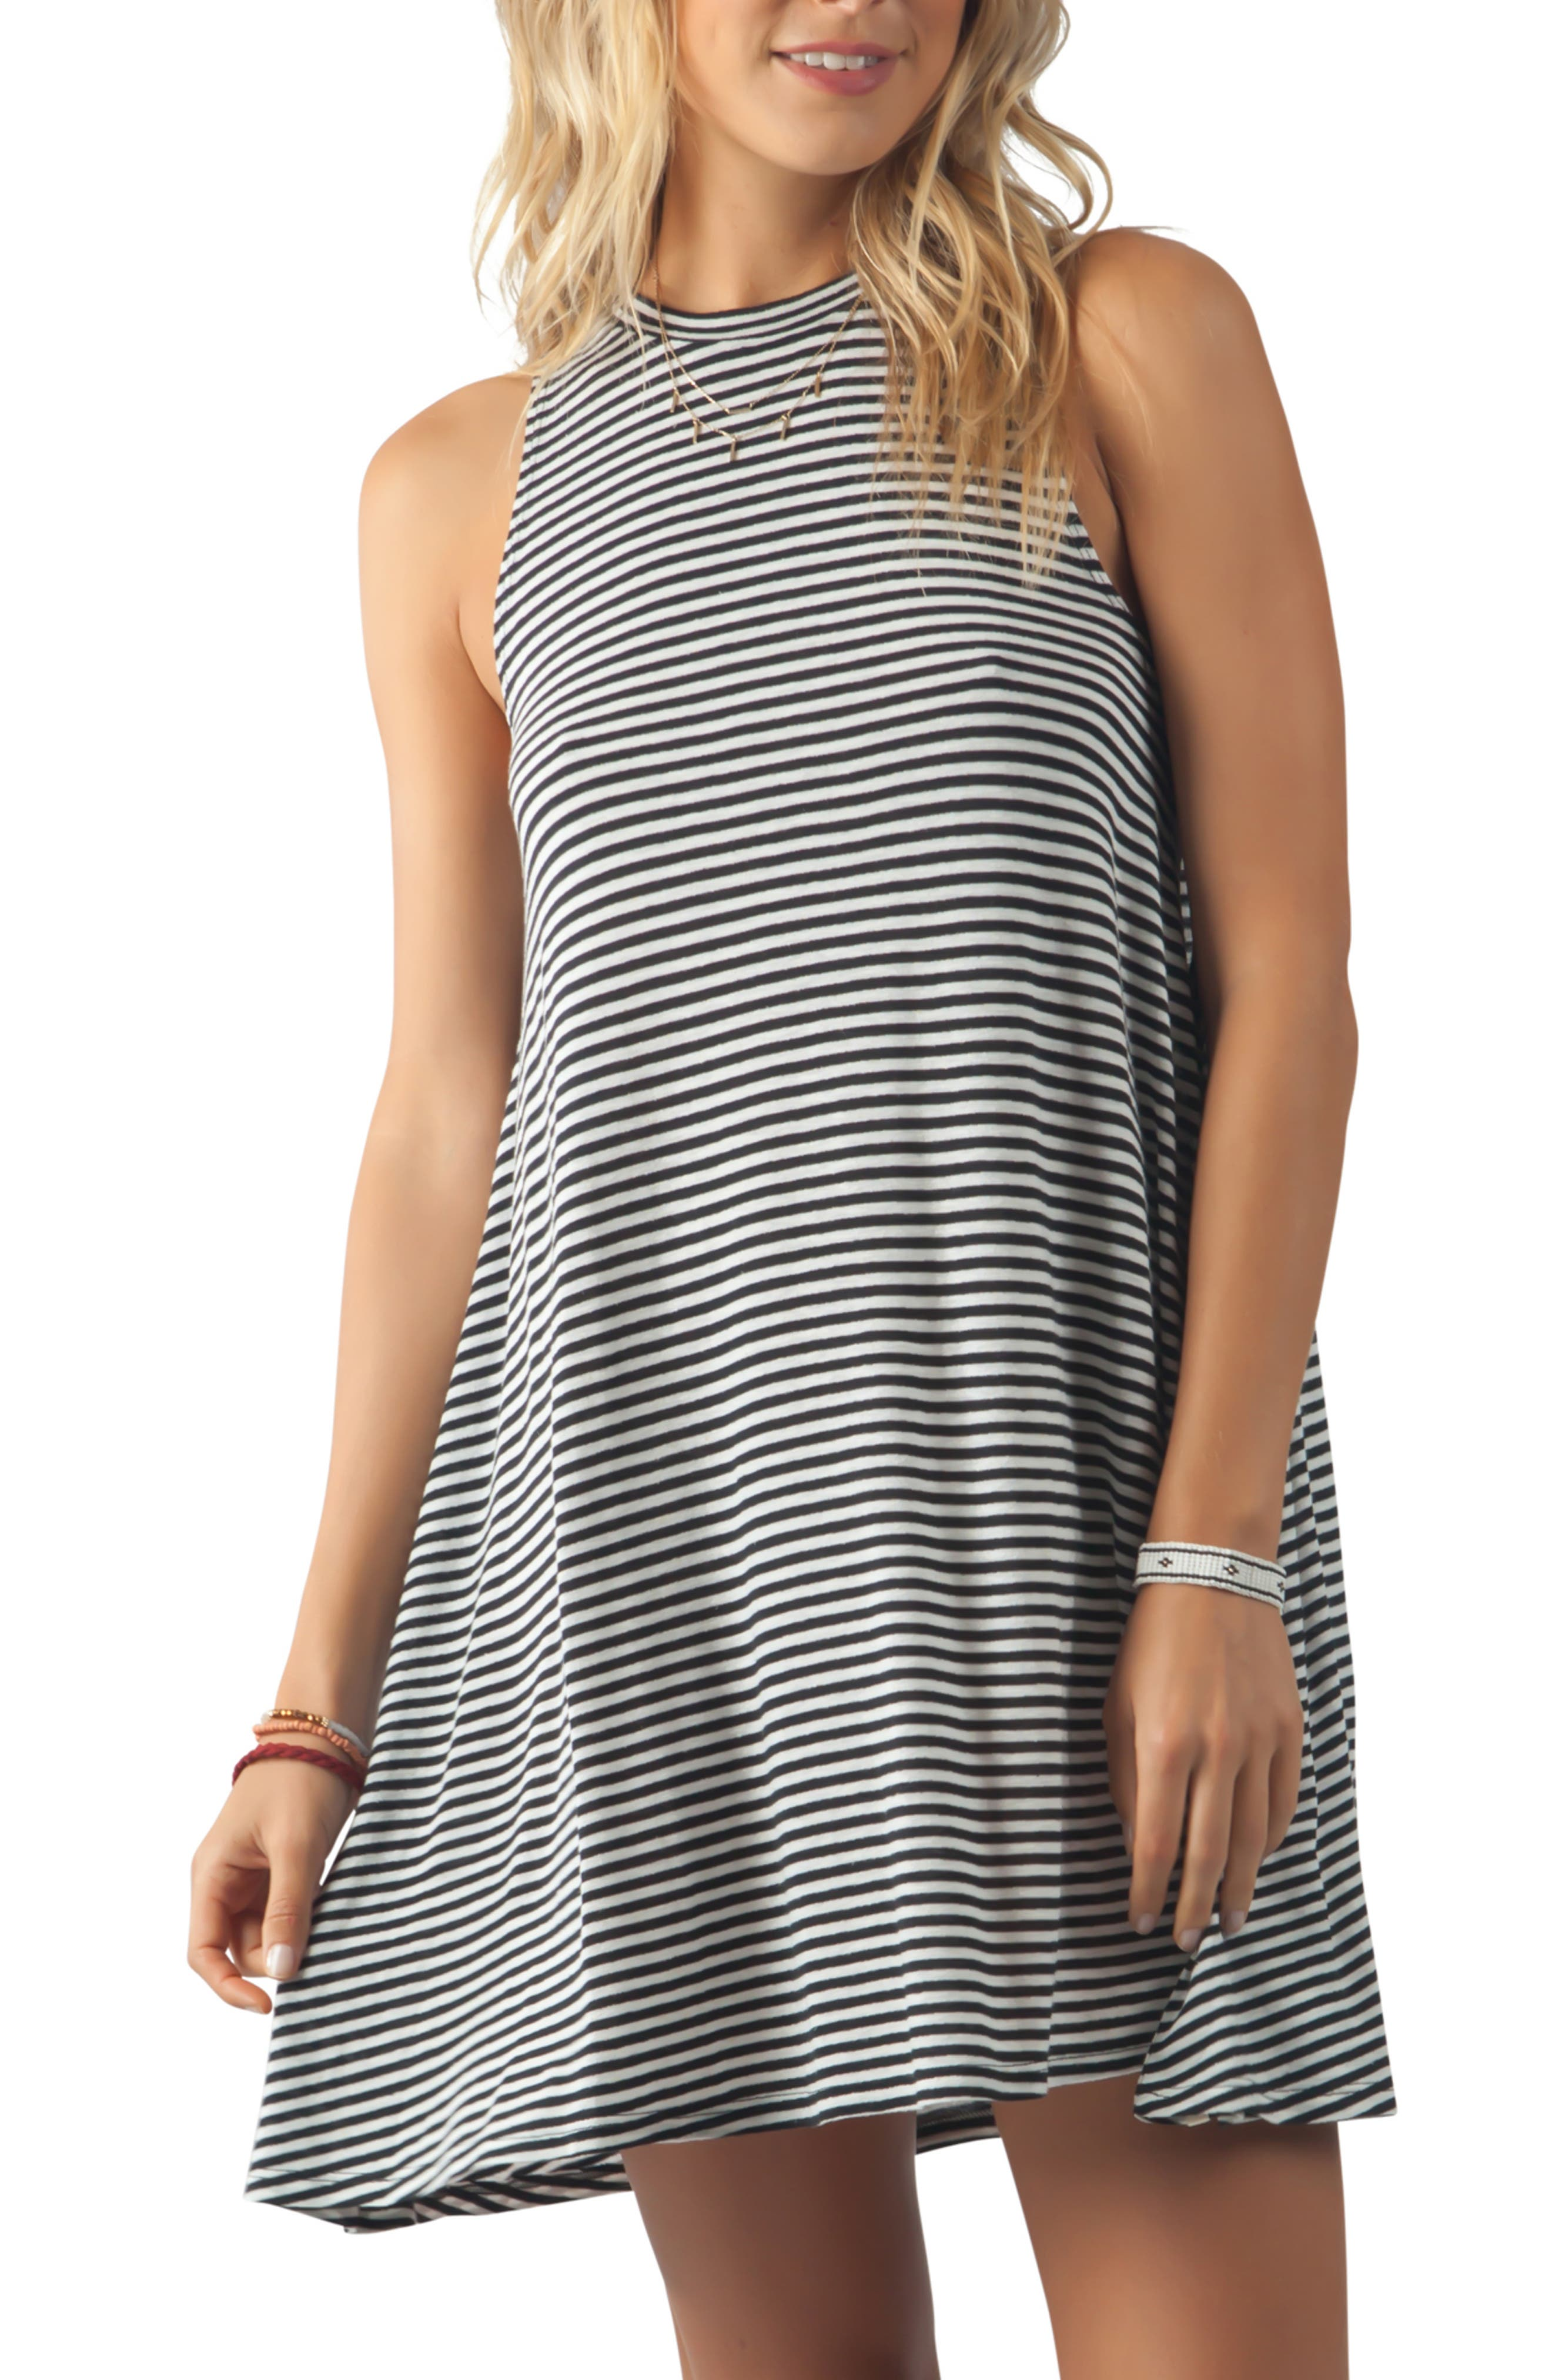 Rip Curl Surf Essentials Tank Dress, Black